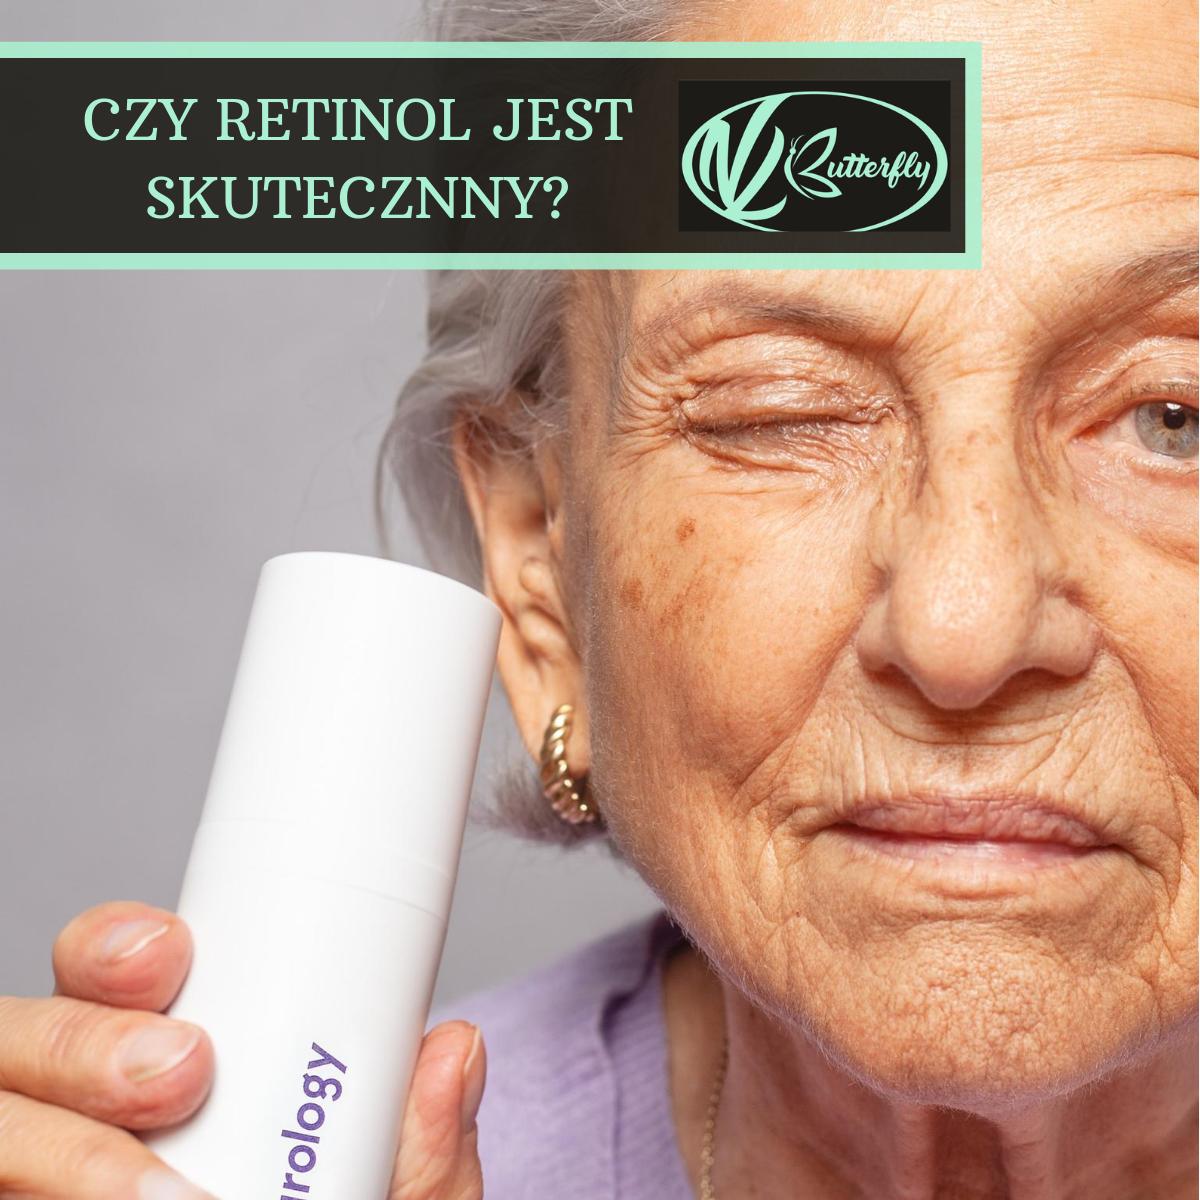 Czy retinol jest skuteczny?